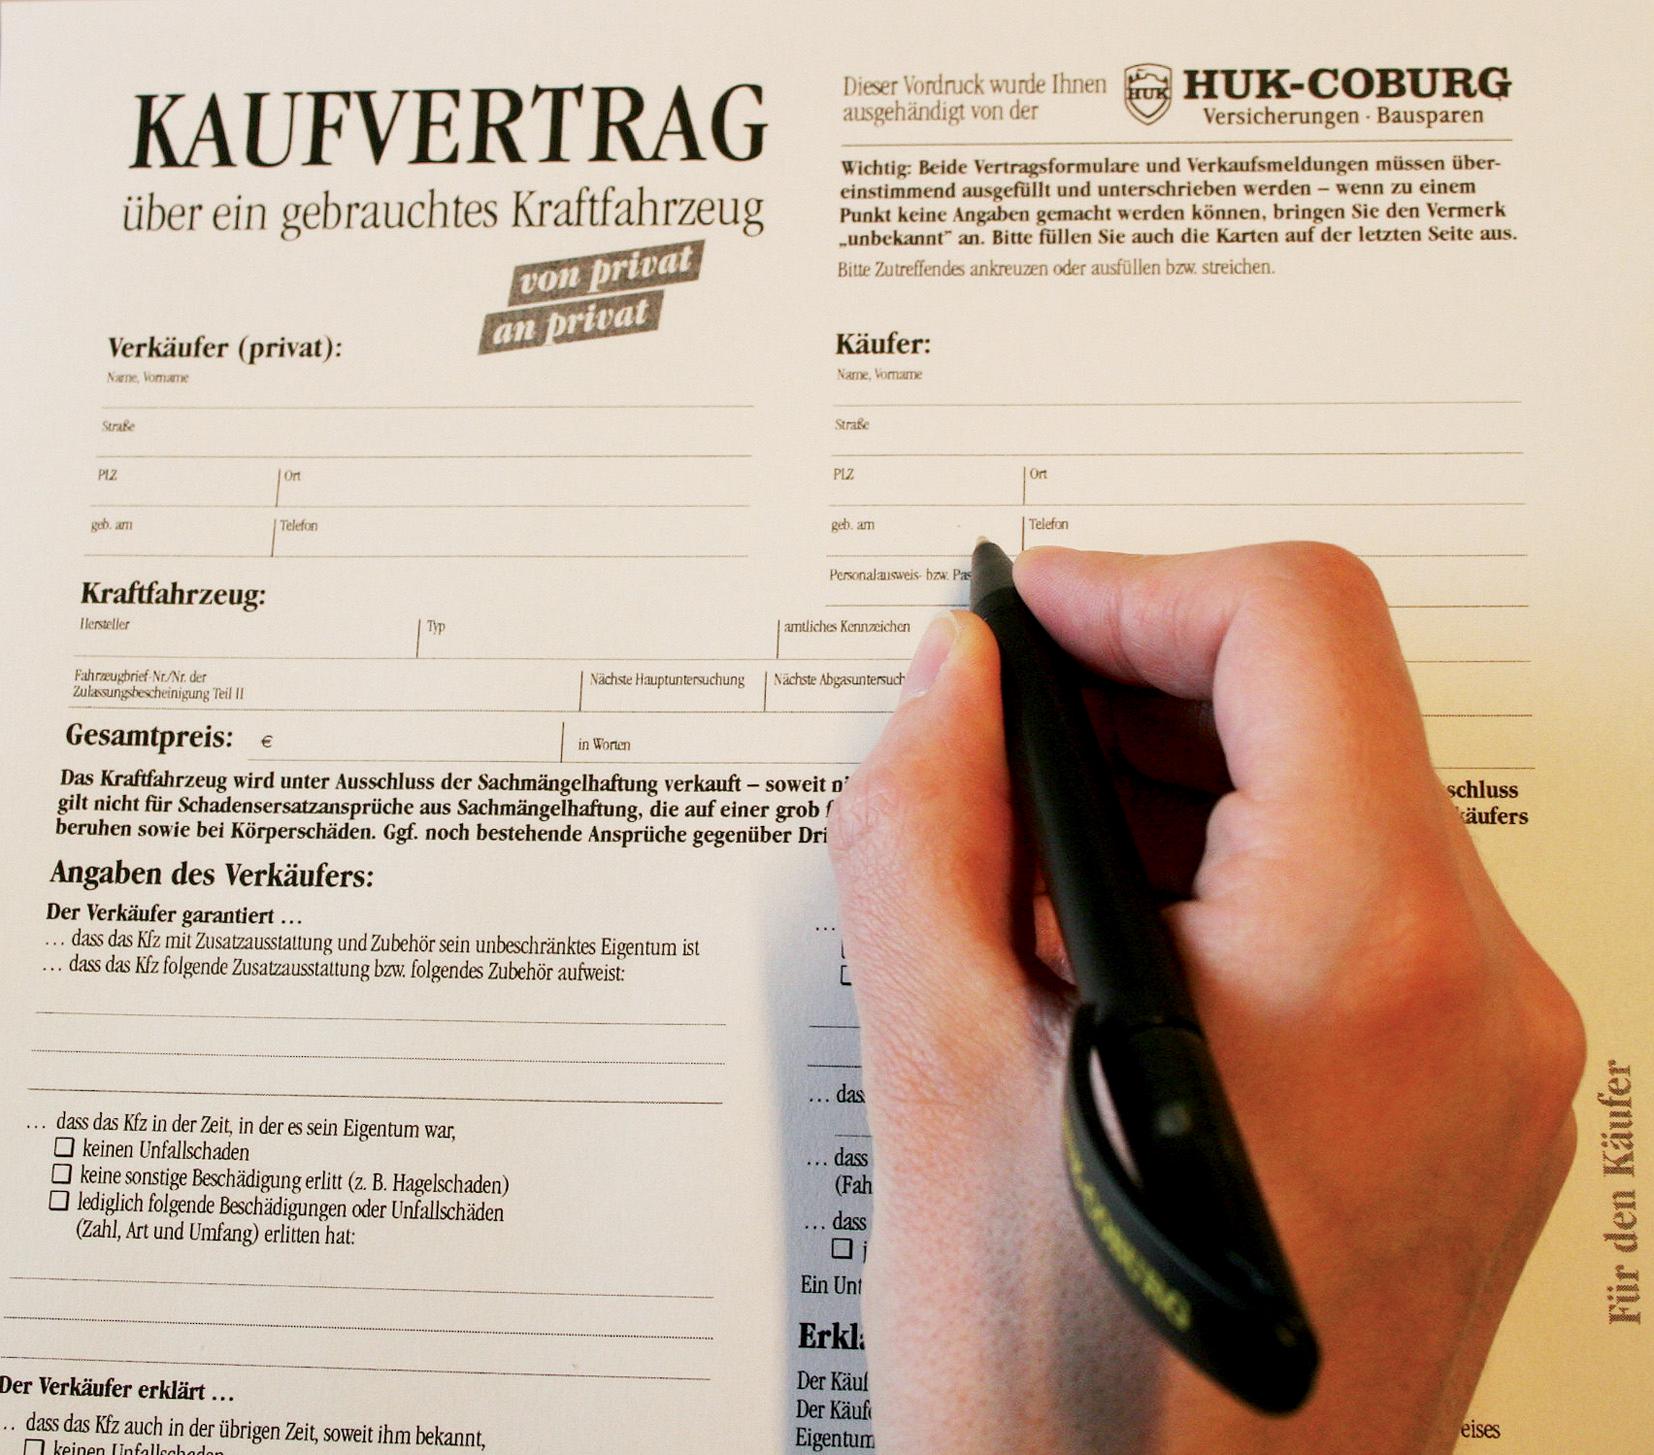 gut zu wissen tipps fr den alltag mit kaufvertrag stolpersteinen ausweichen presseportal - Muster Kaufvertrag Kfz